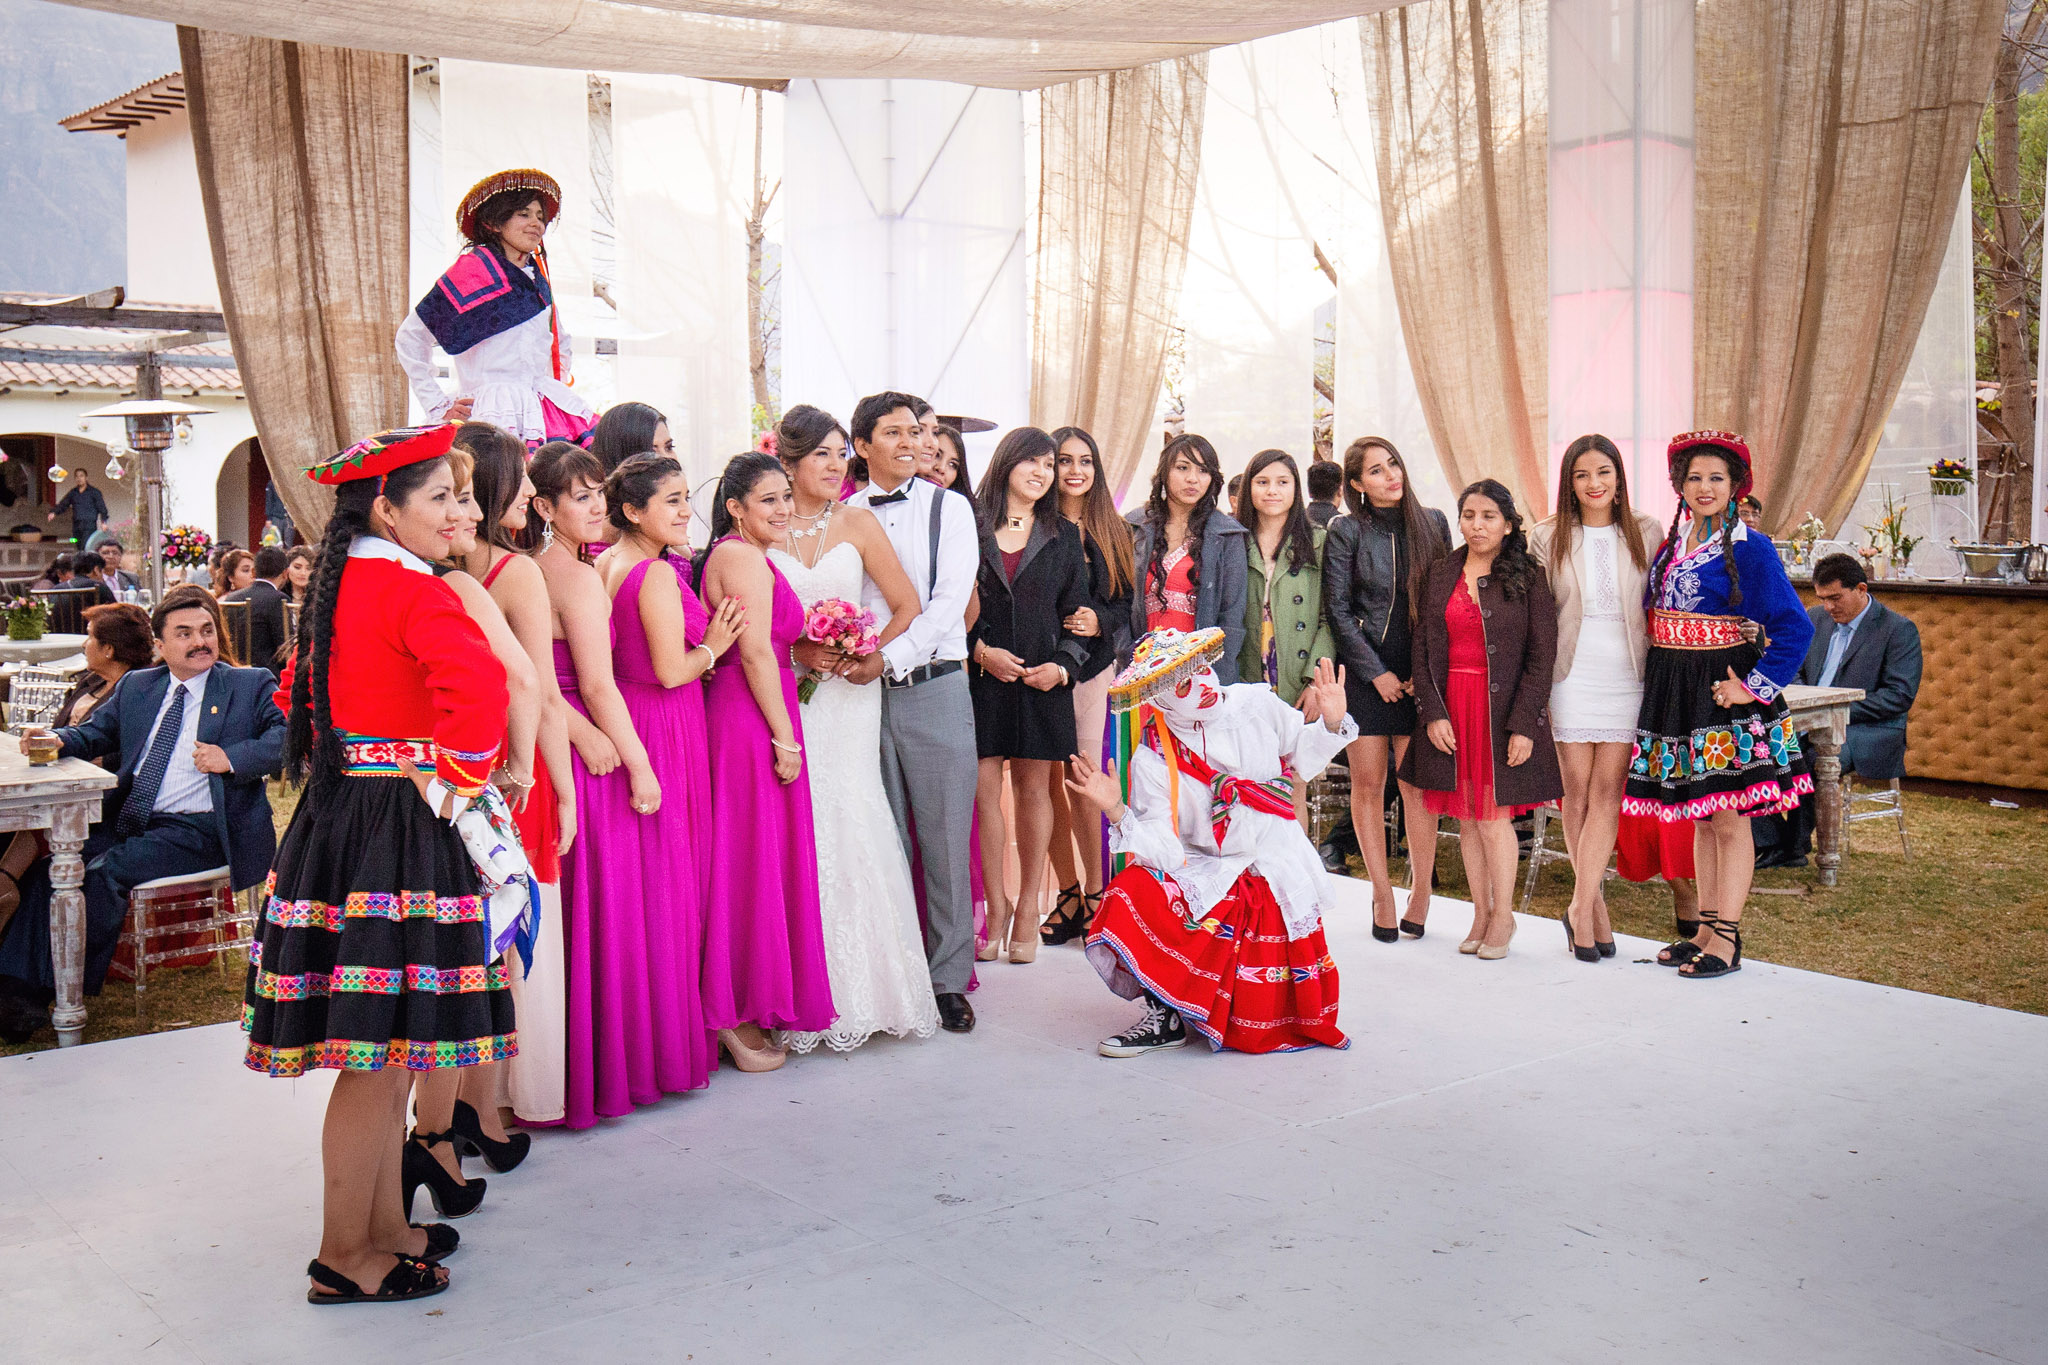 Wedding-Travellers-Destination-Wedding-Peru-Cusco-Hacienda-Sarapampa-Sacred-Valley-destination-bouquet-toss